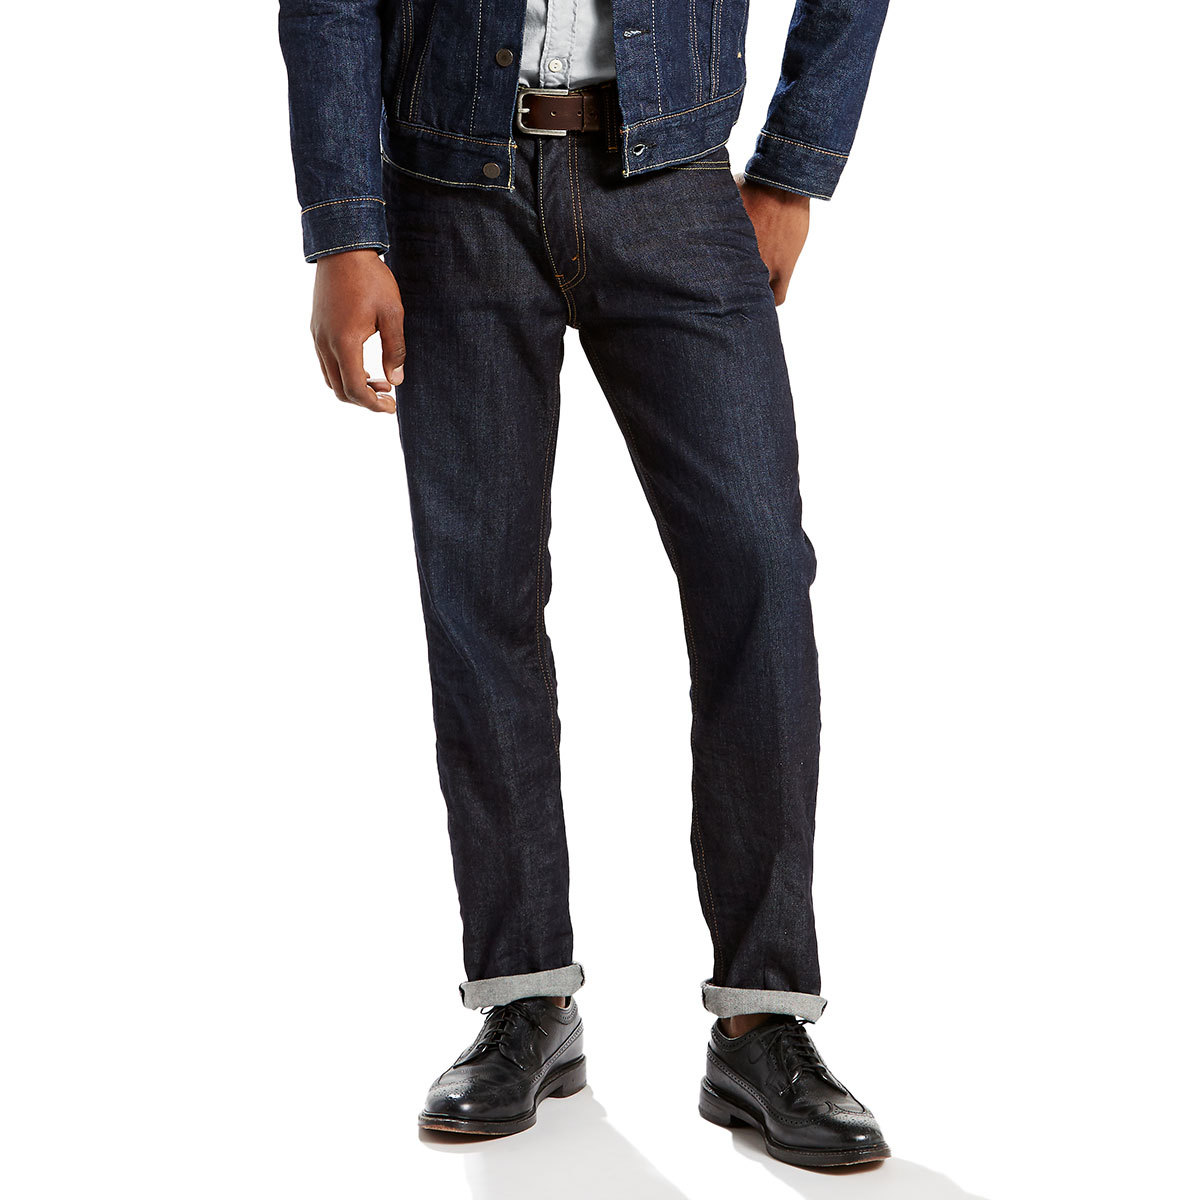 Levi's Men's 541 Athletic Fit Jeans - Blue, 38/30